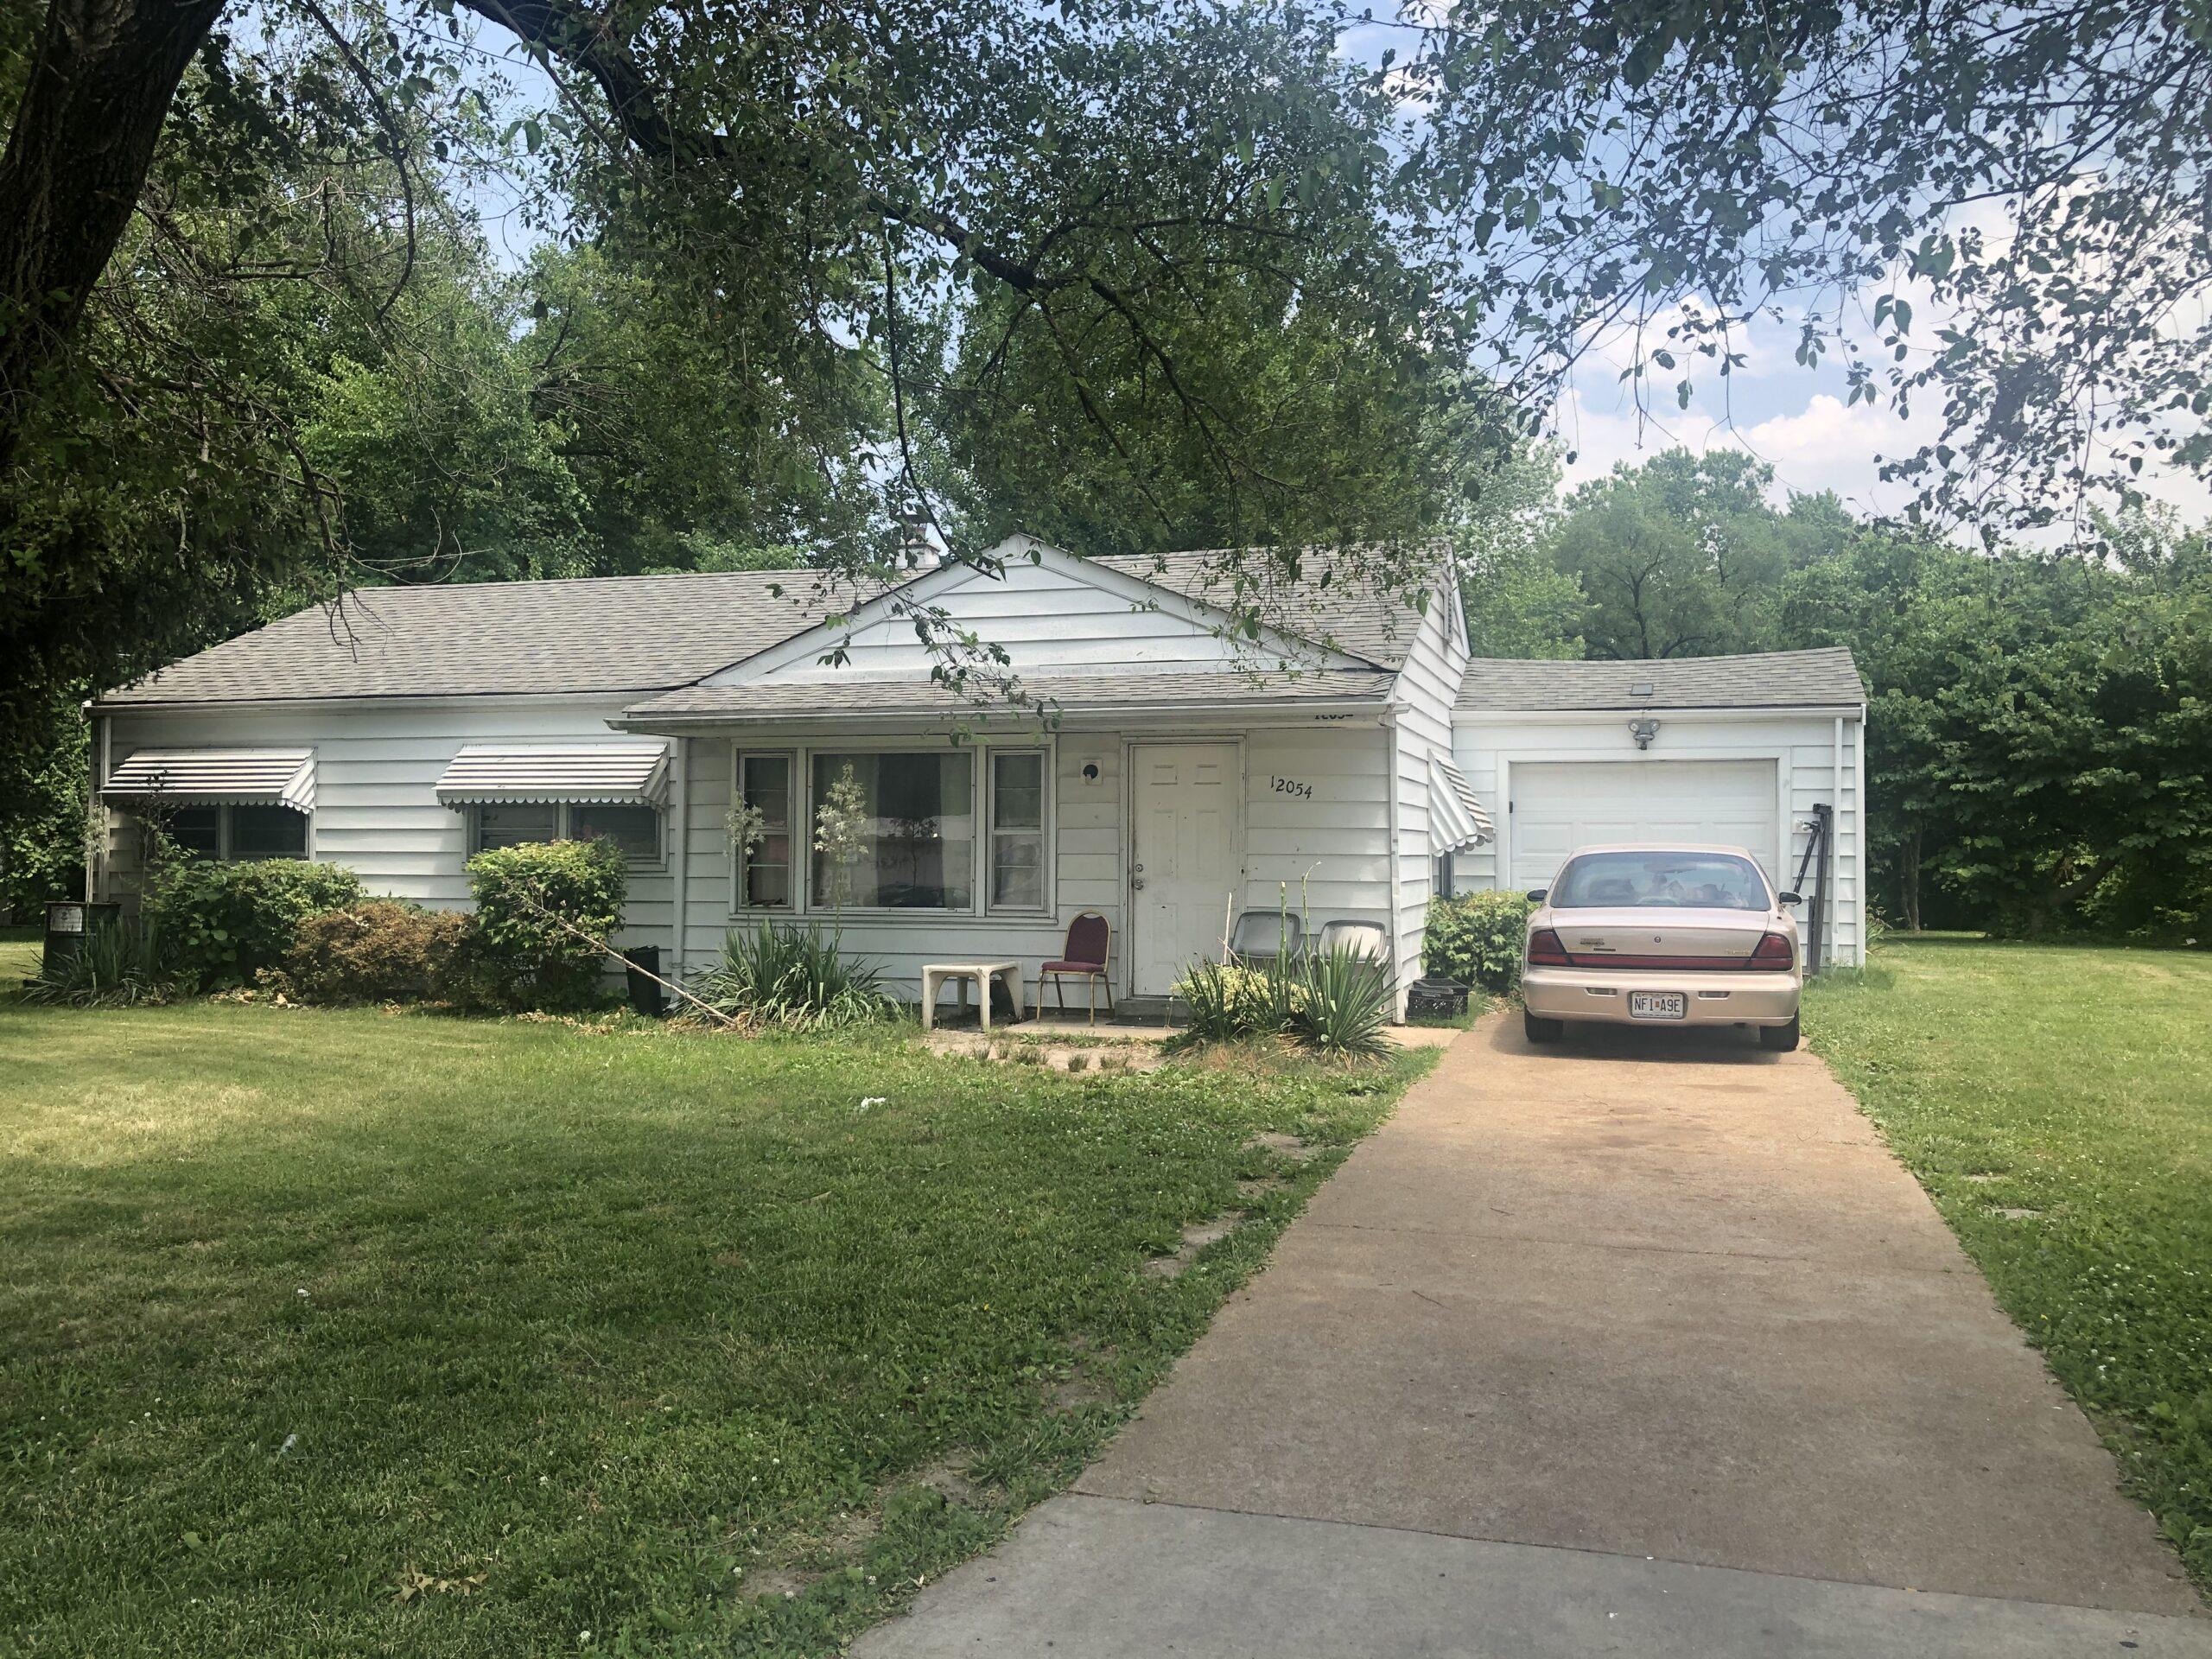 12054 Bellefontaine, St Louis, Missouri 63138